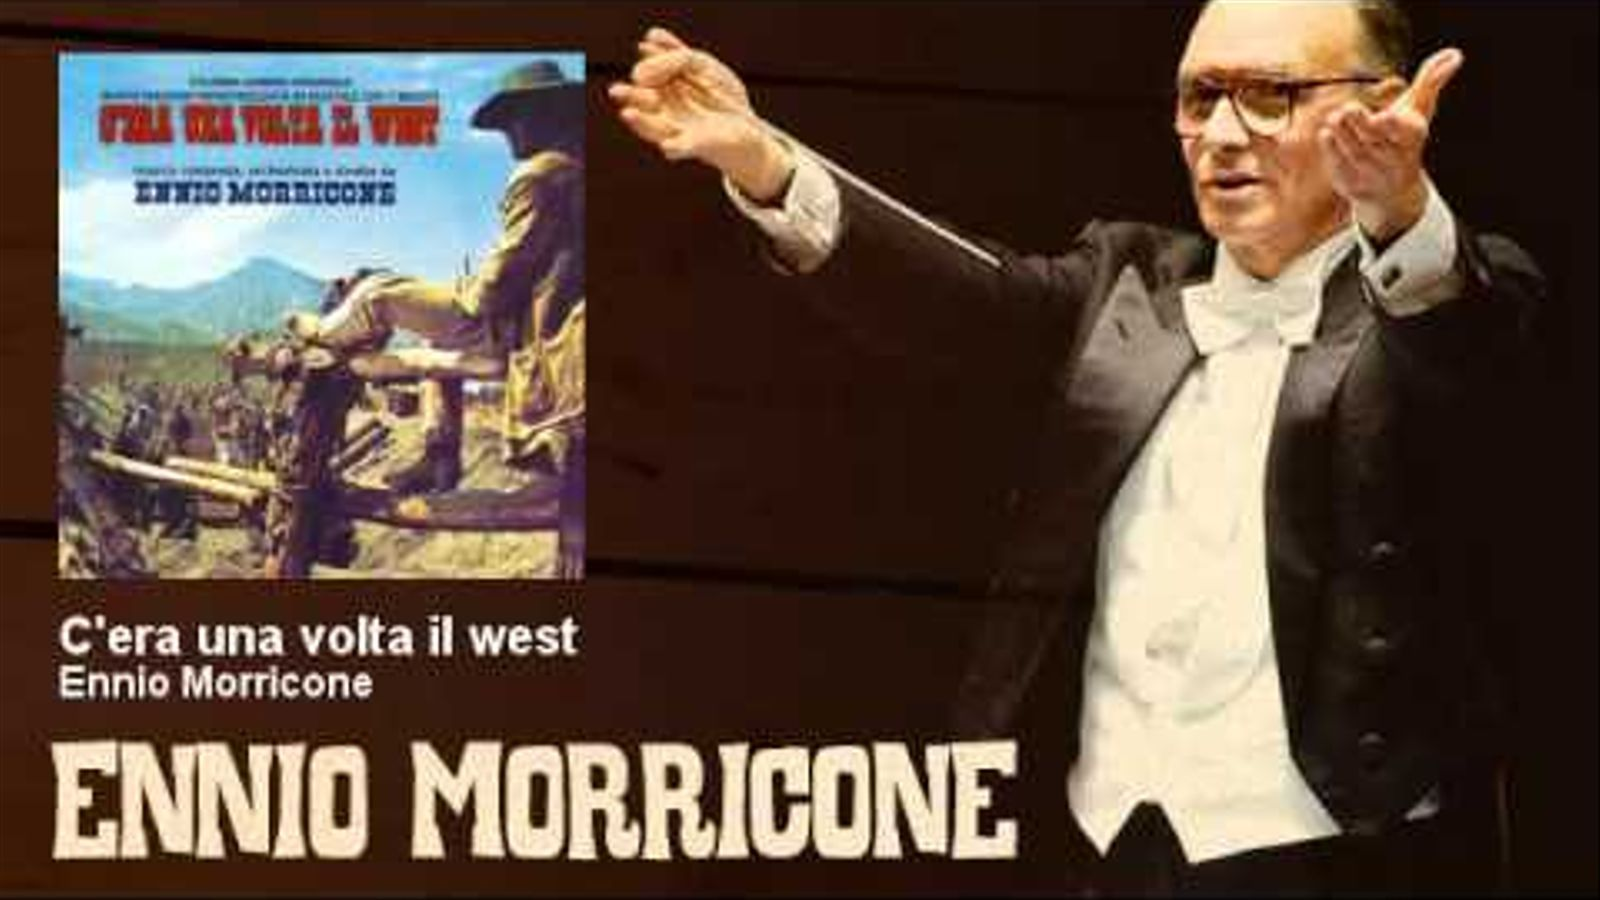 'C'era una volta il west', d'Ennio Morricone, de la banda sonora del film amb el mateix títol